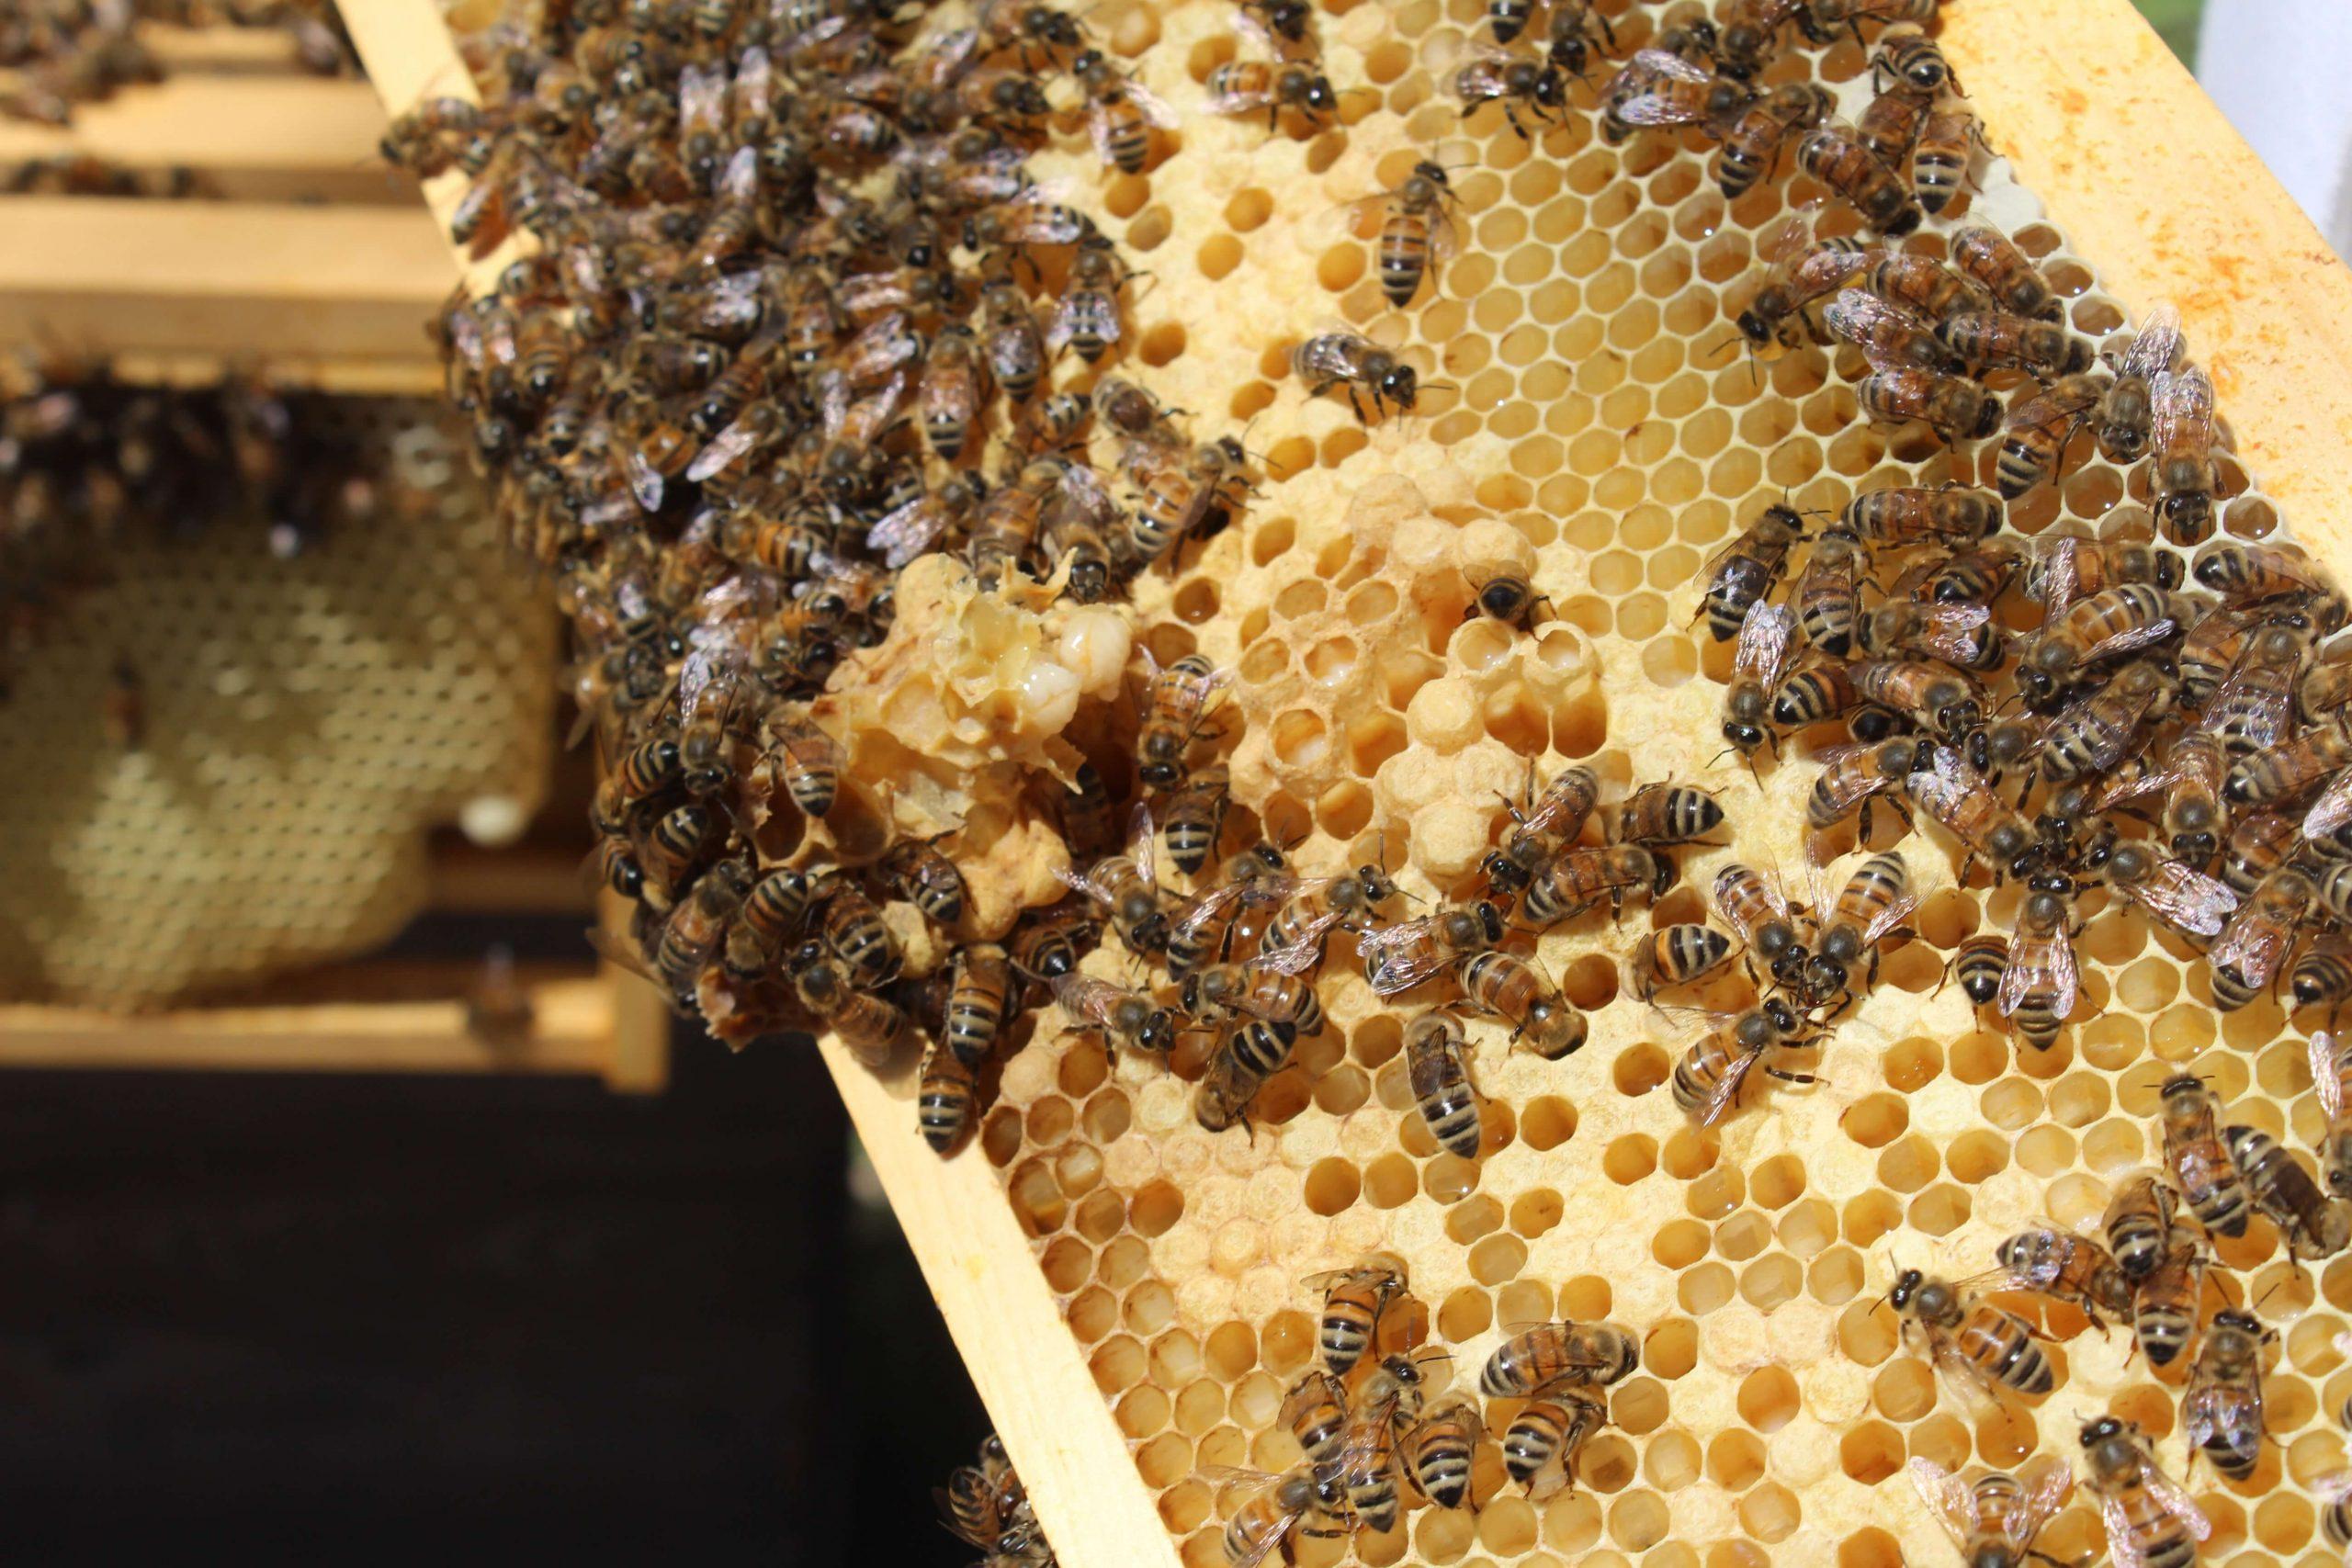 how do bees make money